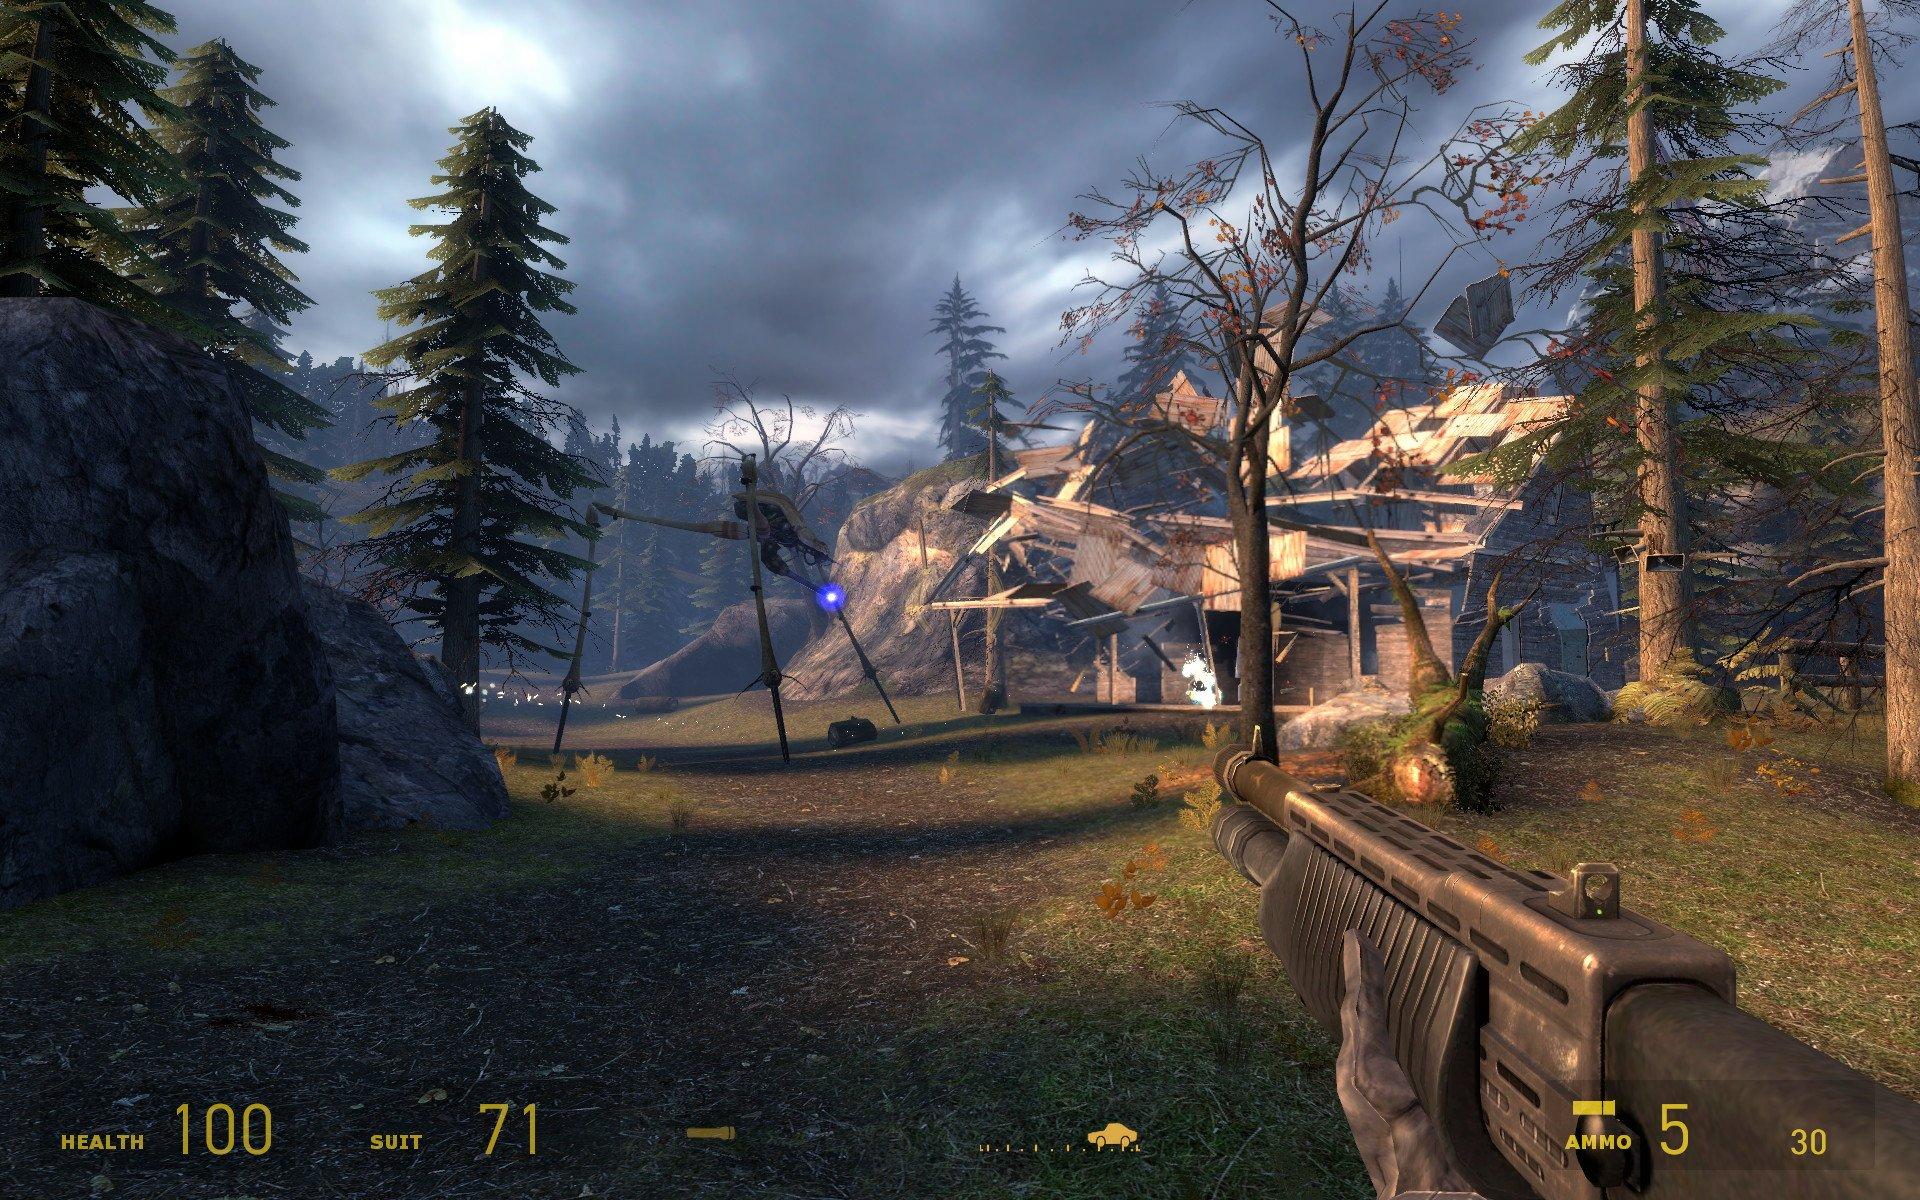 2007 год в компьютерных играх. - Изображение 3